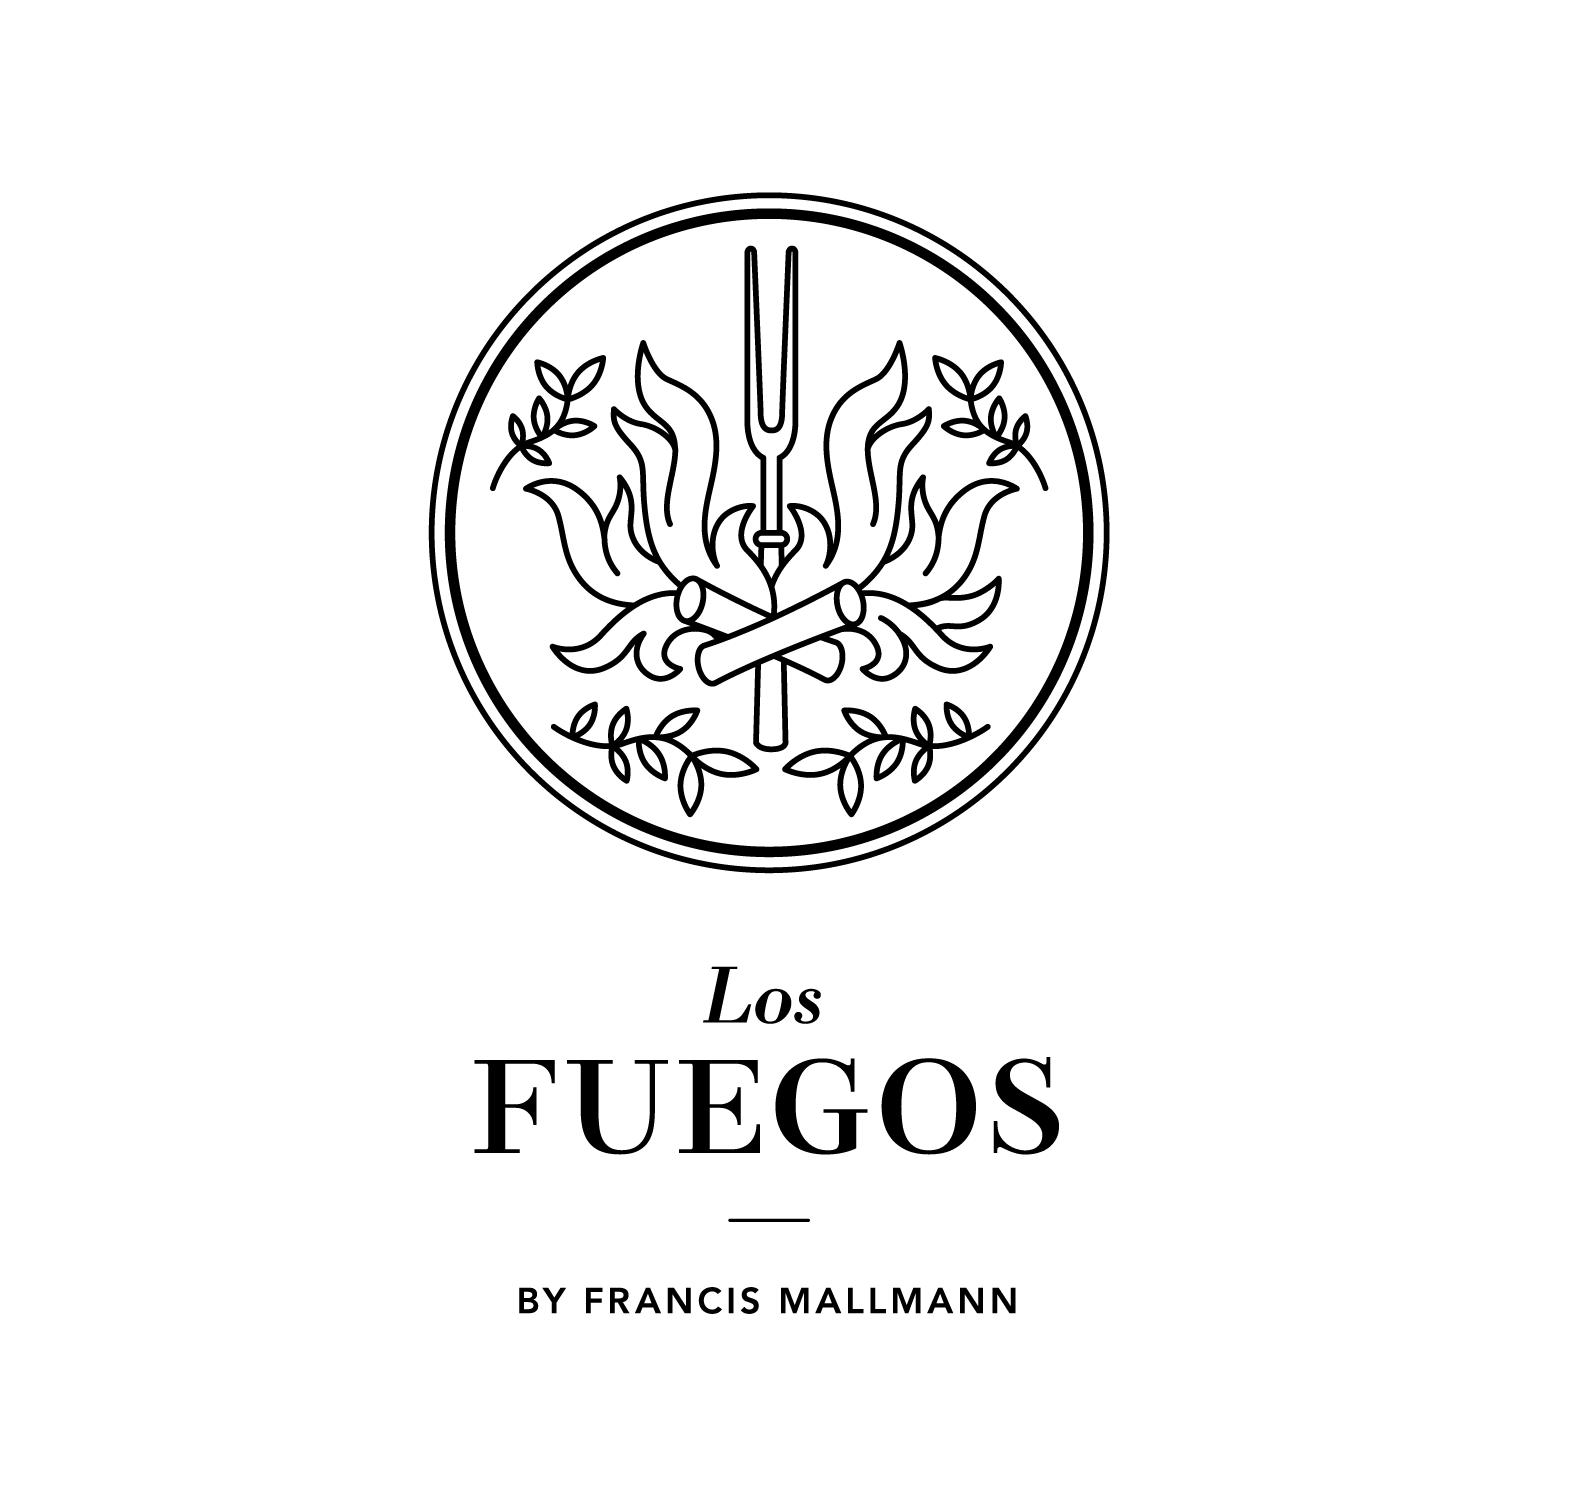 Los Fuegos by Francis Mallmann logo